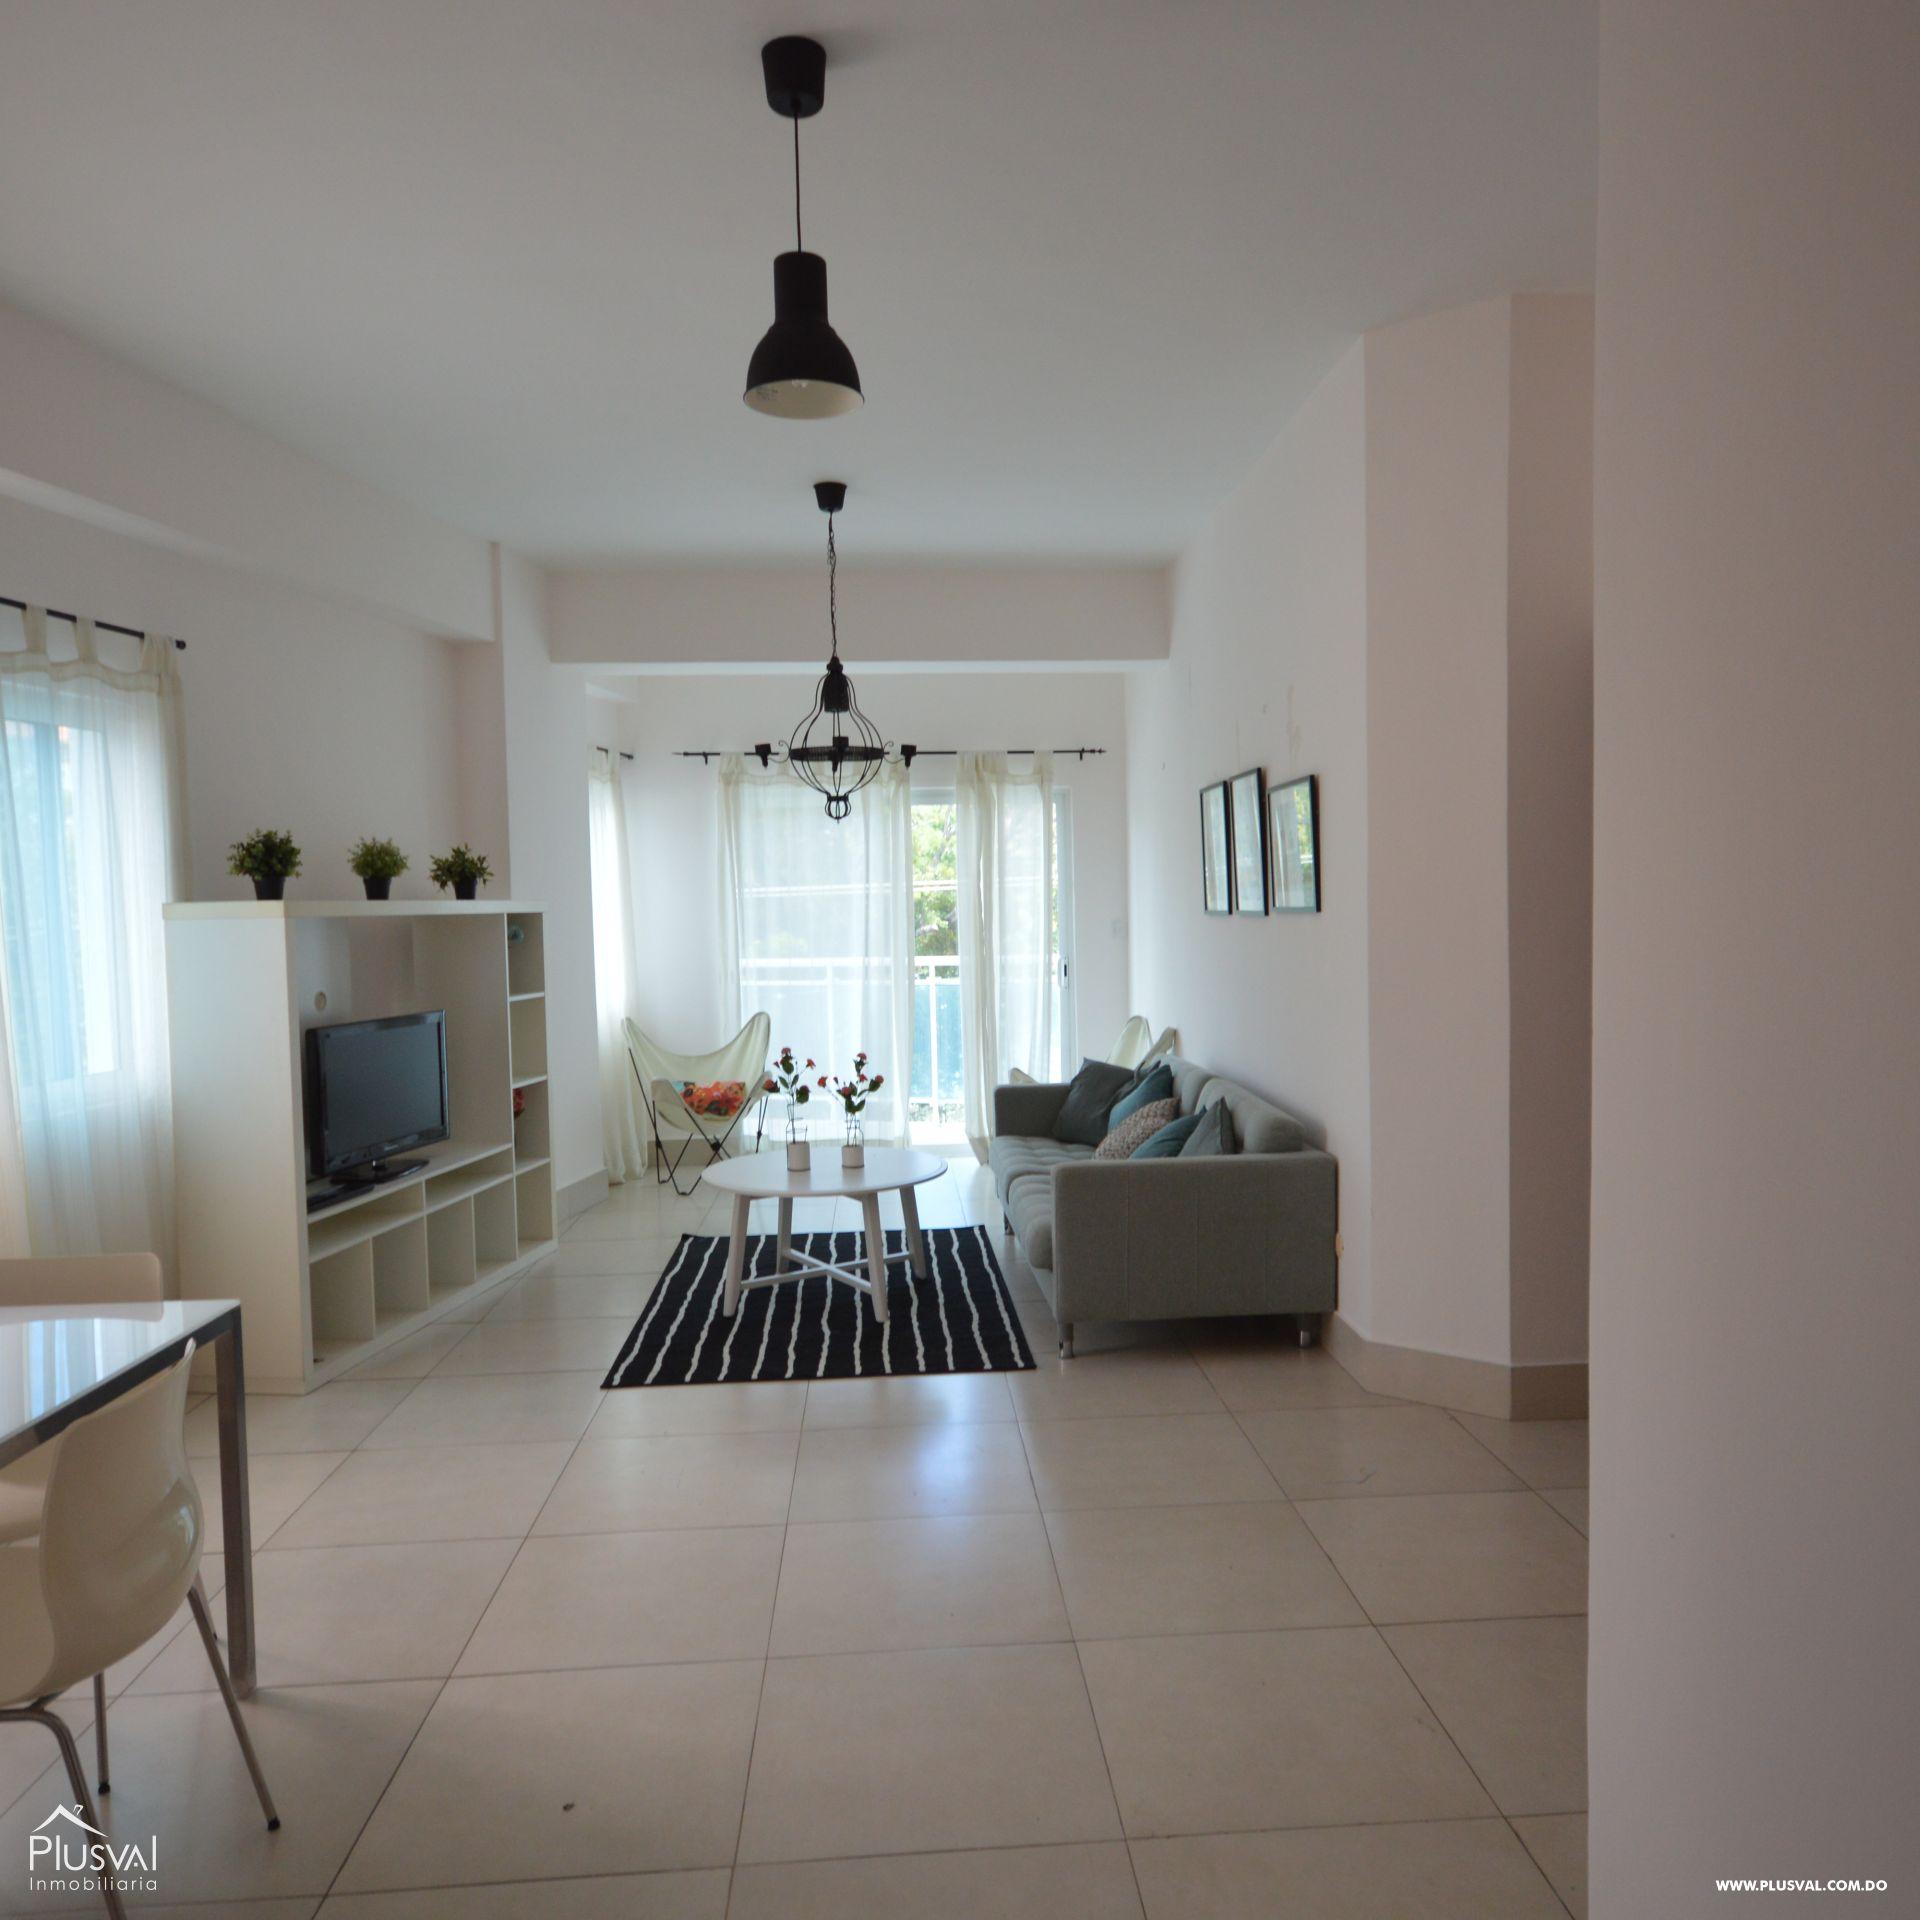 Amplio apartamento amueblado en alquiler, El Vergel